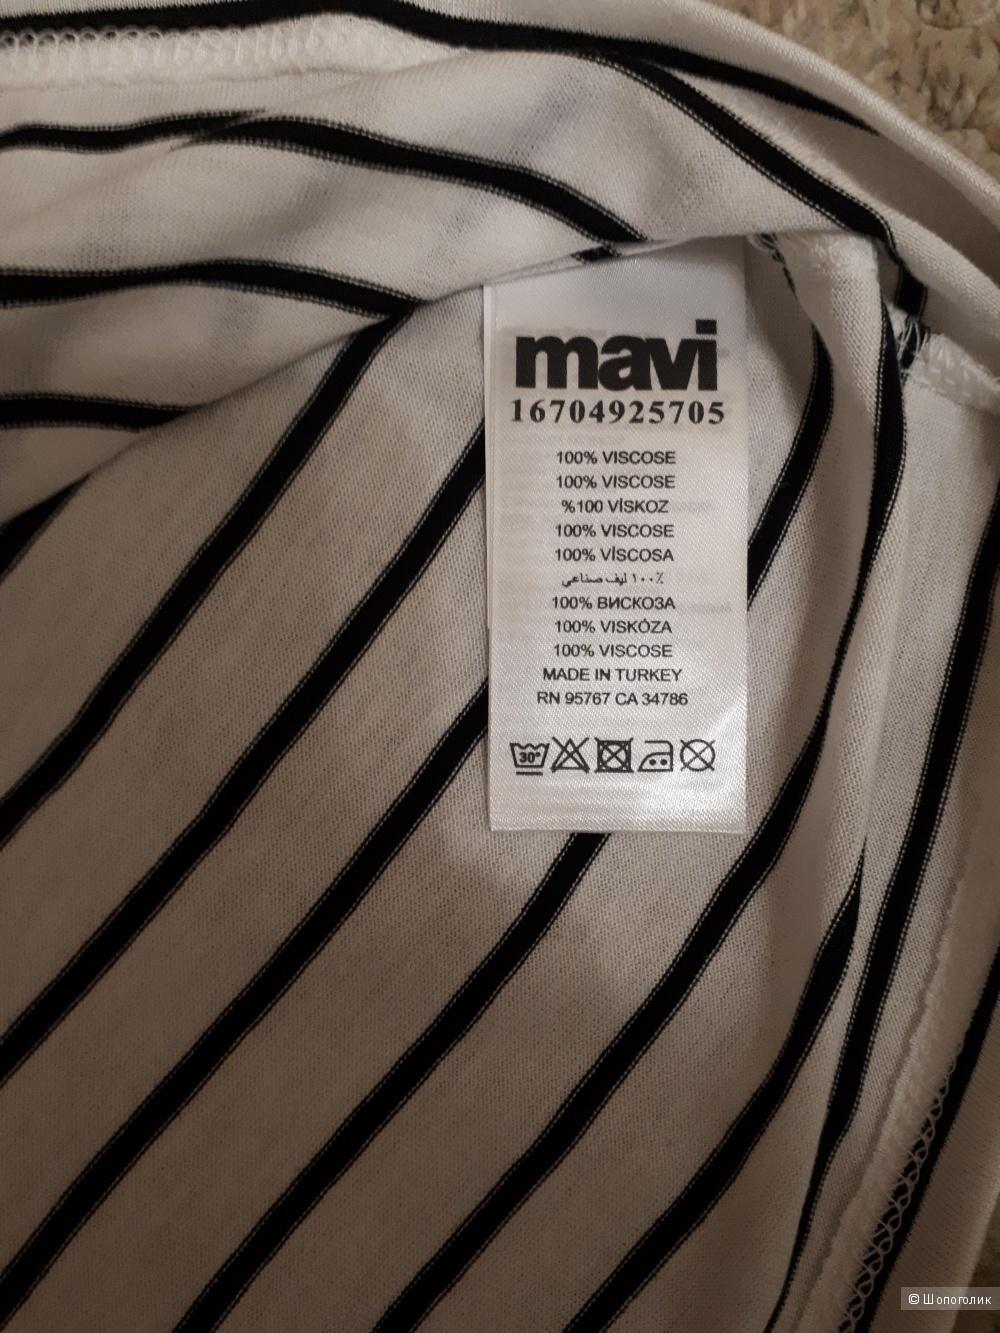 Футболка Mavi, размер S